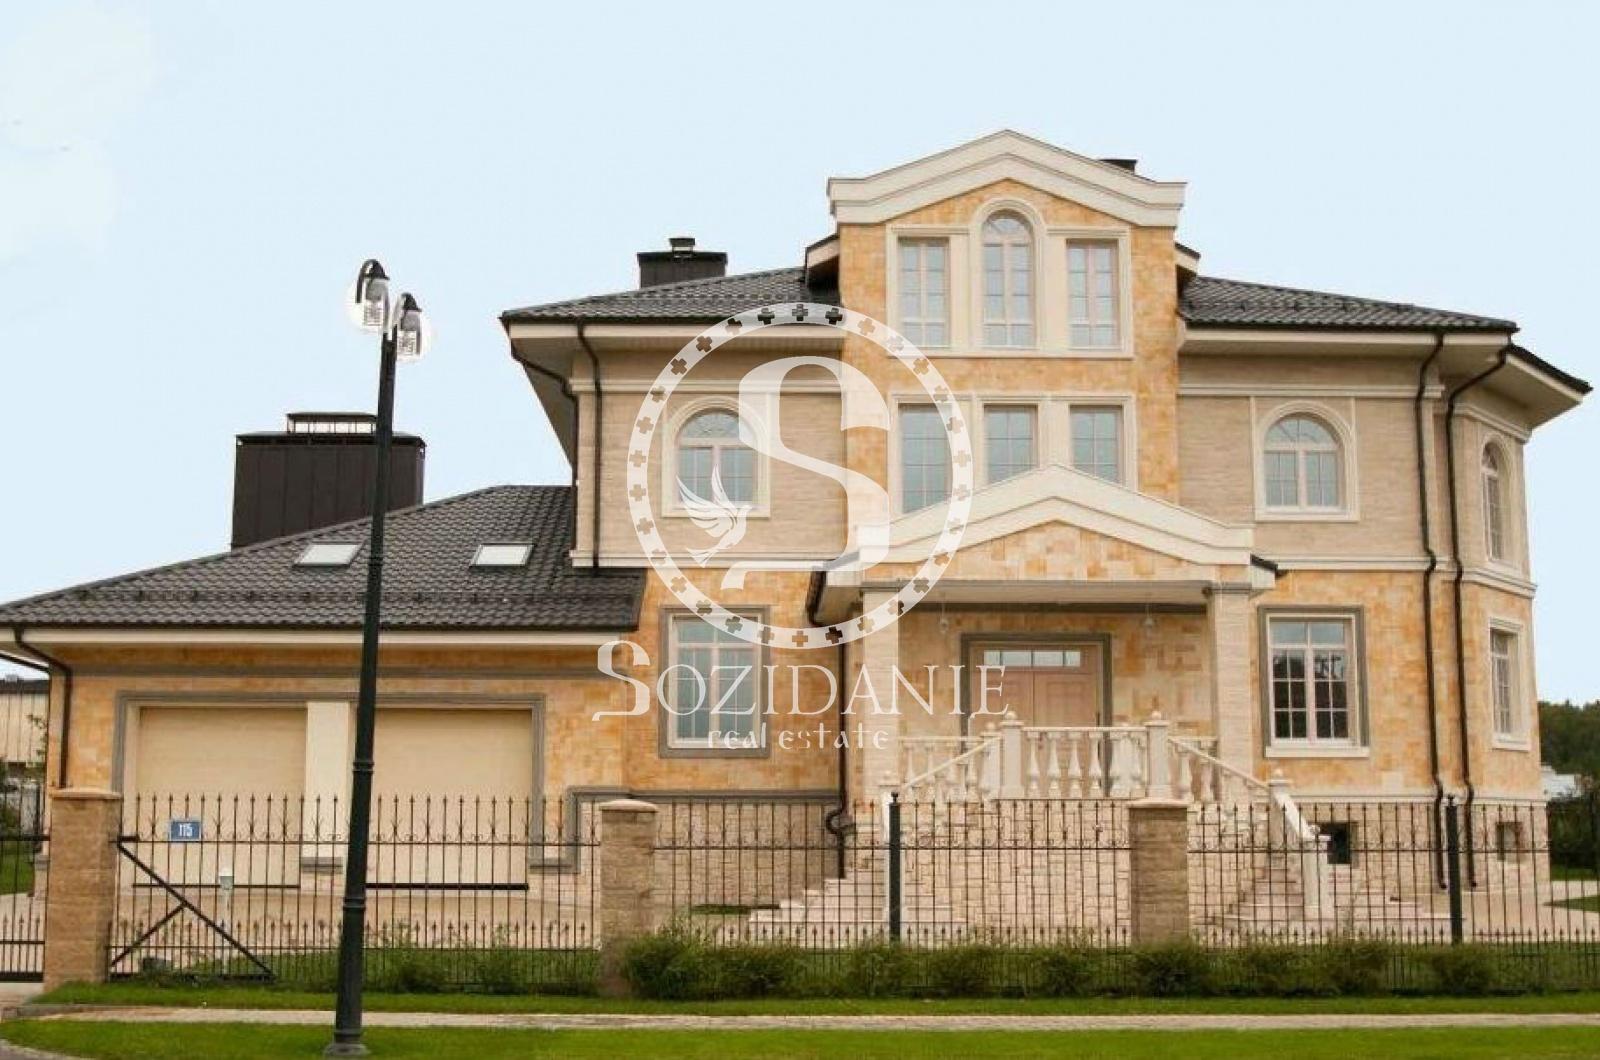 4 Bedrooms, Загородная, Продажа, Listing ID 1524, Московская область, Россия,